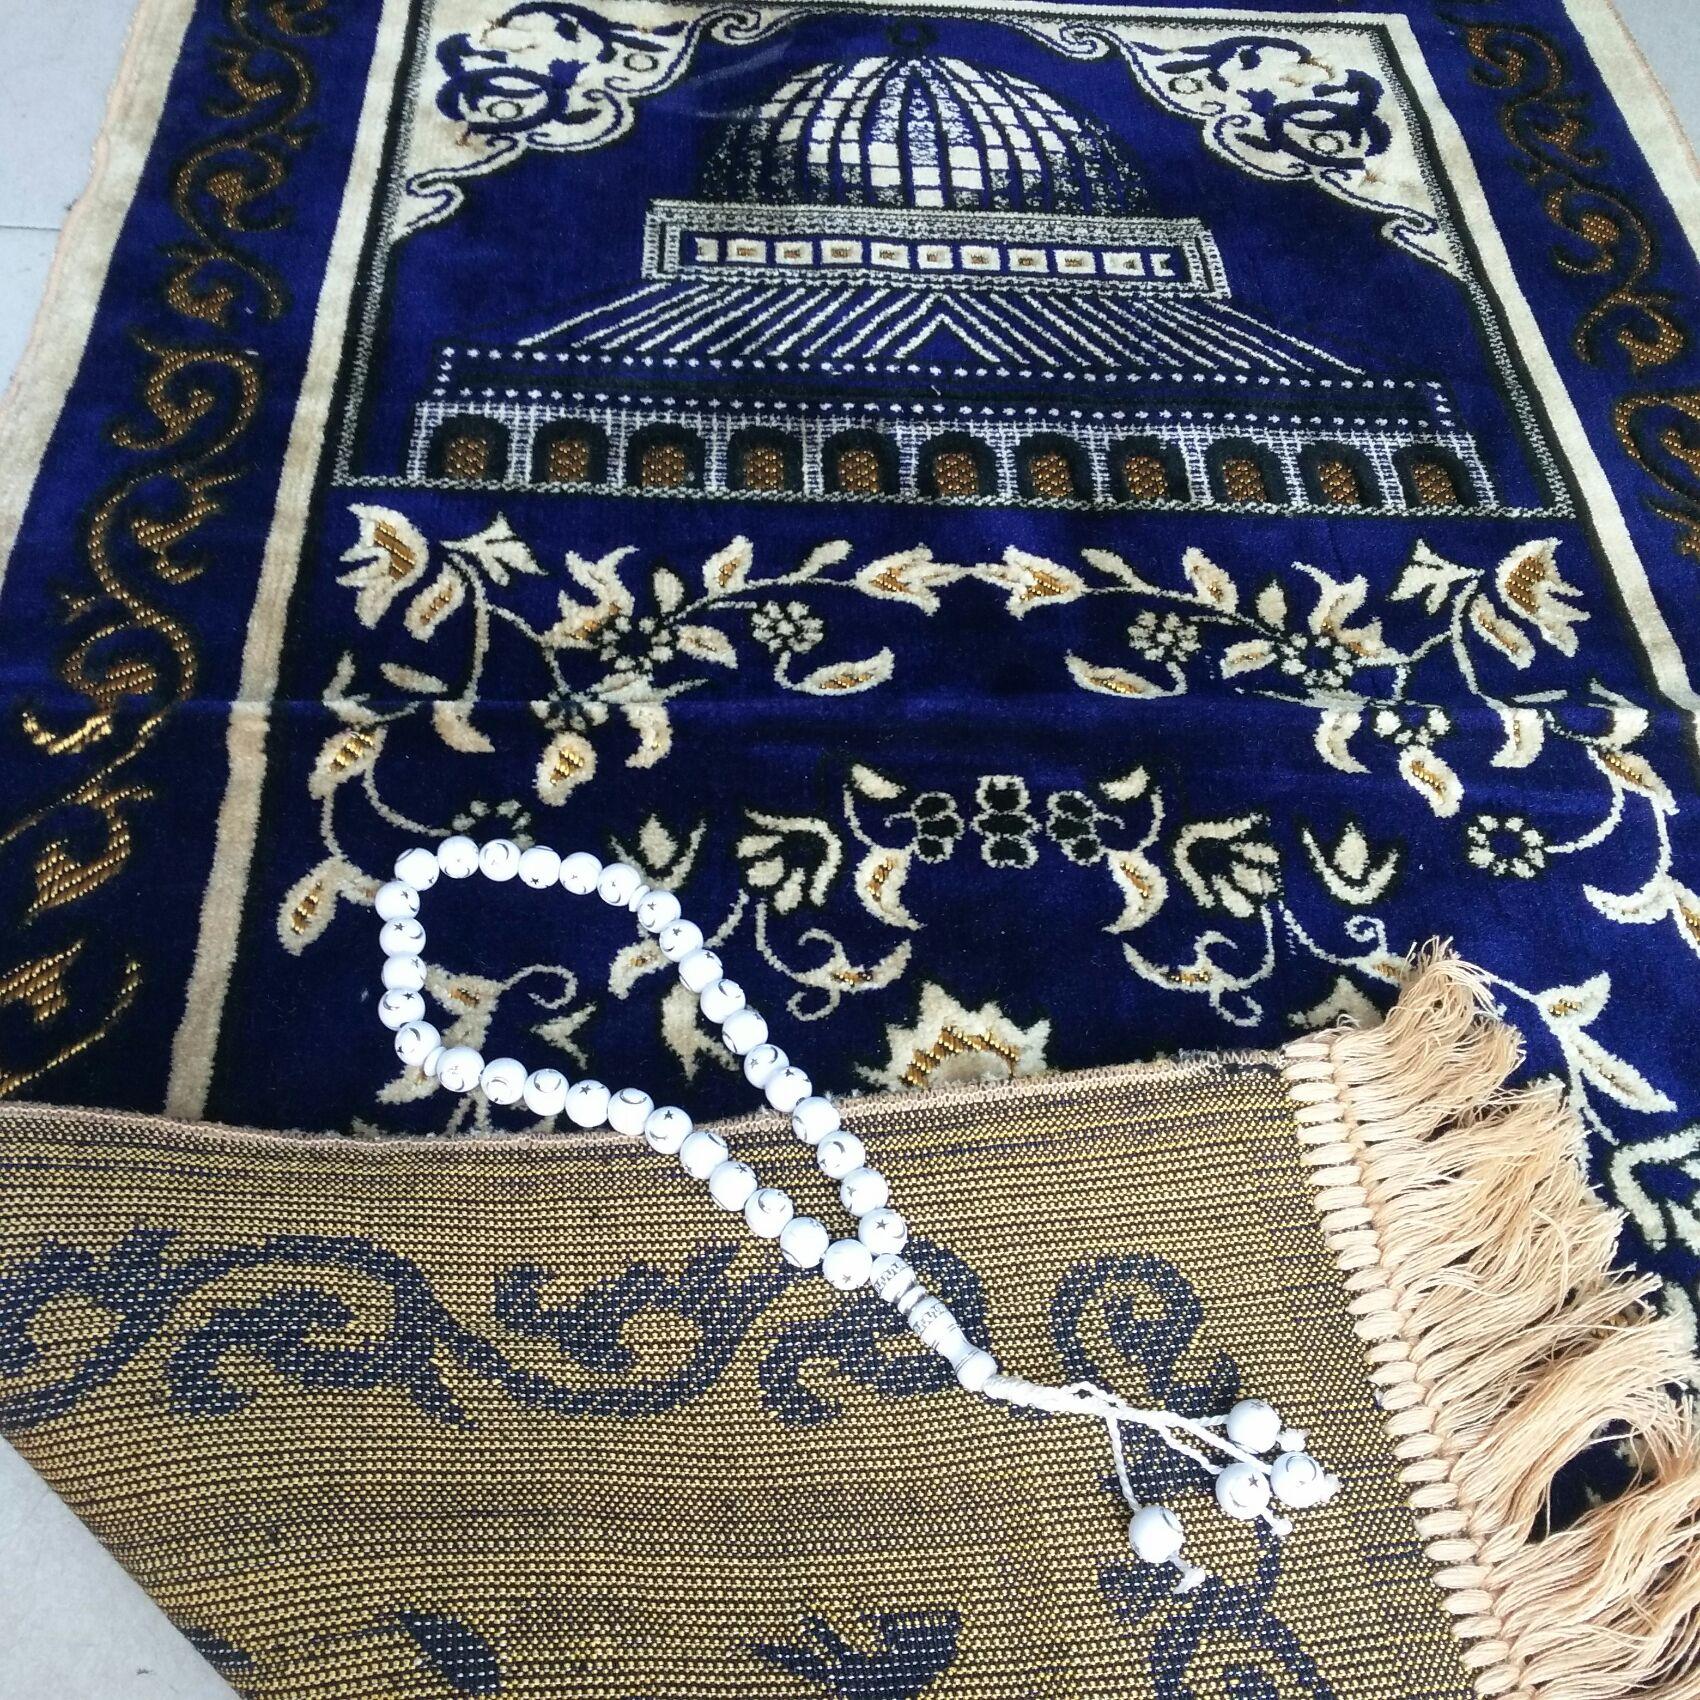 Двойной 11 отдавать исследование жемчужина возвращение гонка церемония поклонение одеяло торжественный мусульманин ясно действительно храм истман орхидея учить молитва сказать коврики молиться молитва к поклонение одеяла